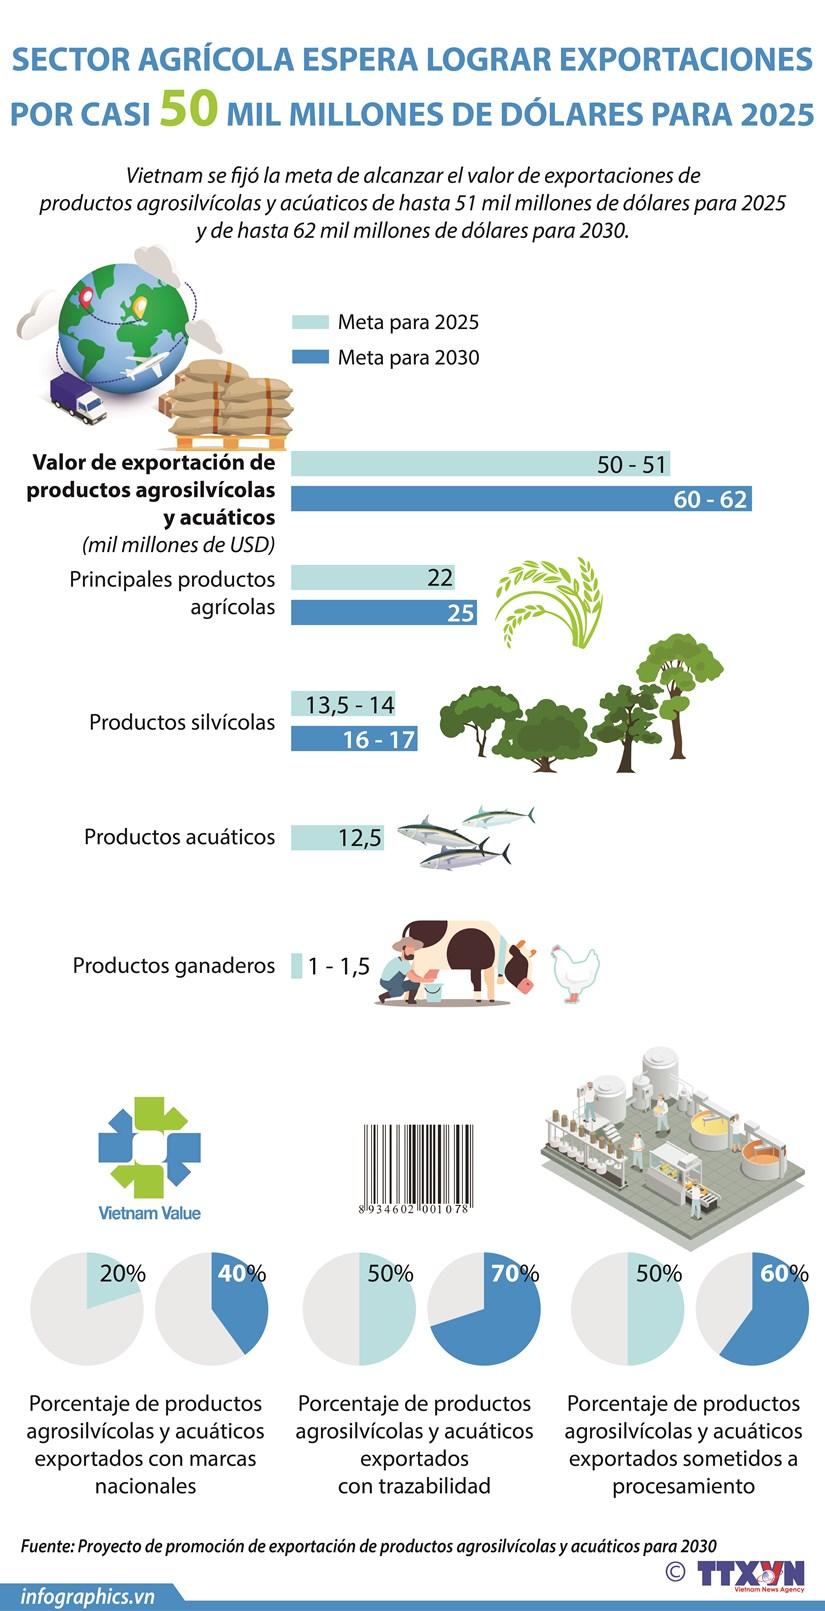 Sector agricola de Vietnam esperar lograr exportaciones por casi 50 mil millones de dolares para 2025 hinh anh 1